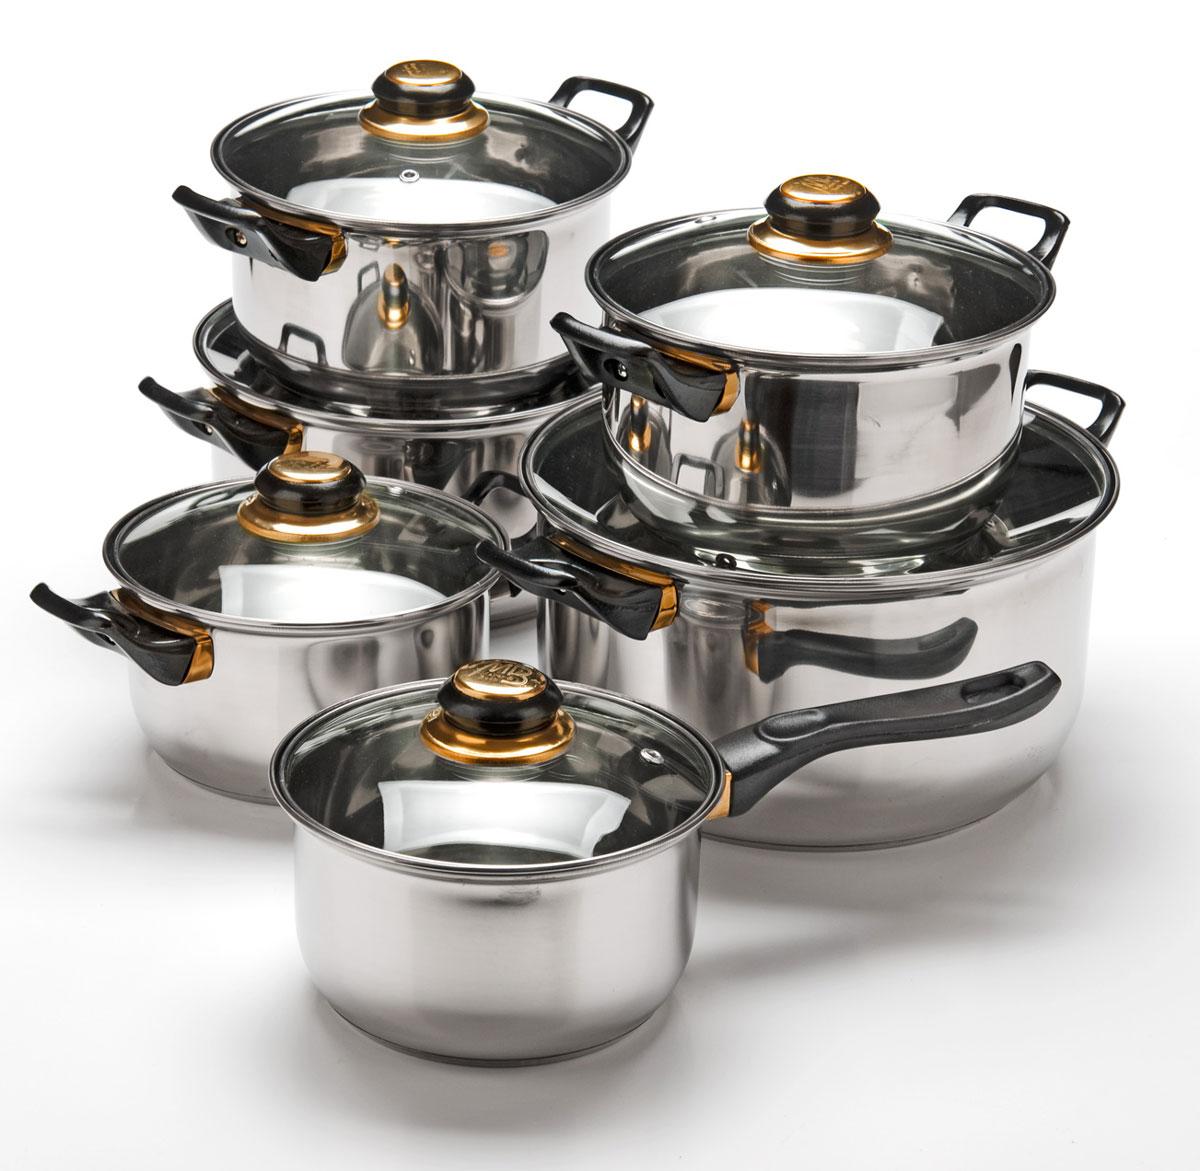 Набор посуды Mayer & Boch, 12 предметов. 25750257501,4+1,4+2+2+2,9+4,9л